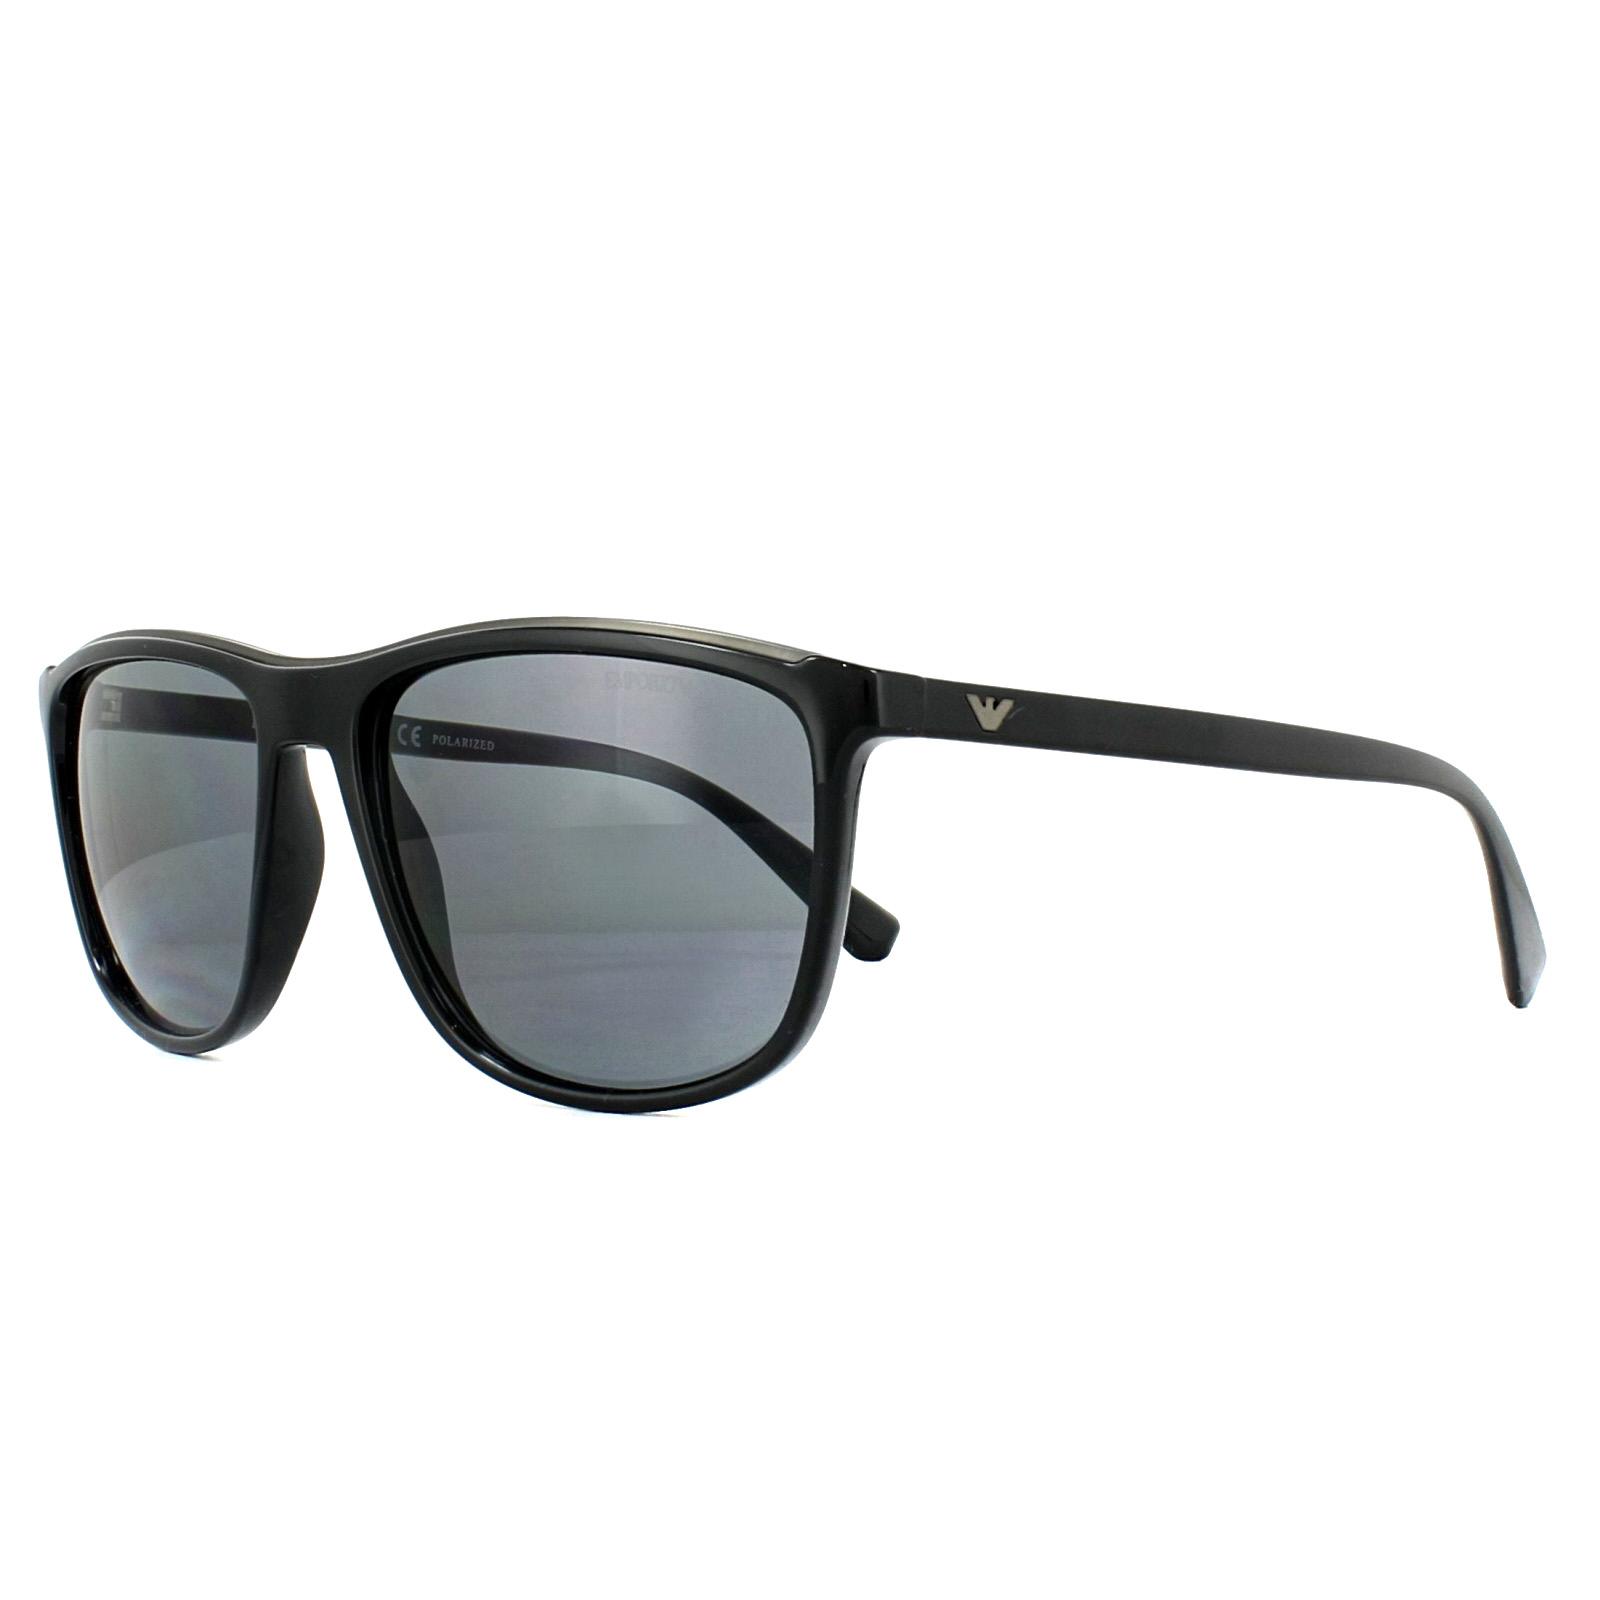 18a72f4bc5d Sentinel Emporio Armani Sunglasses EA4109 501781 Black Grey Polarized